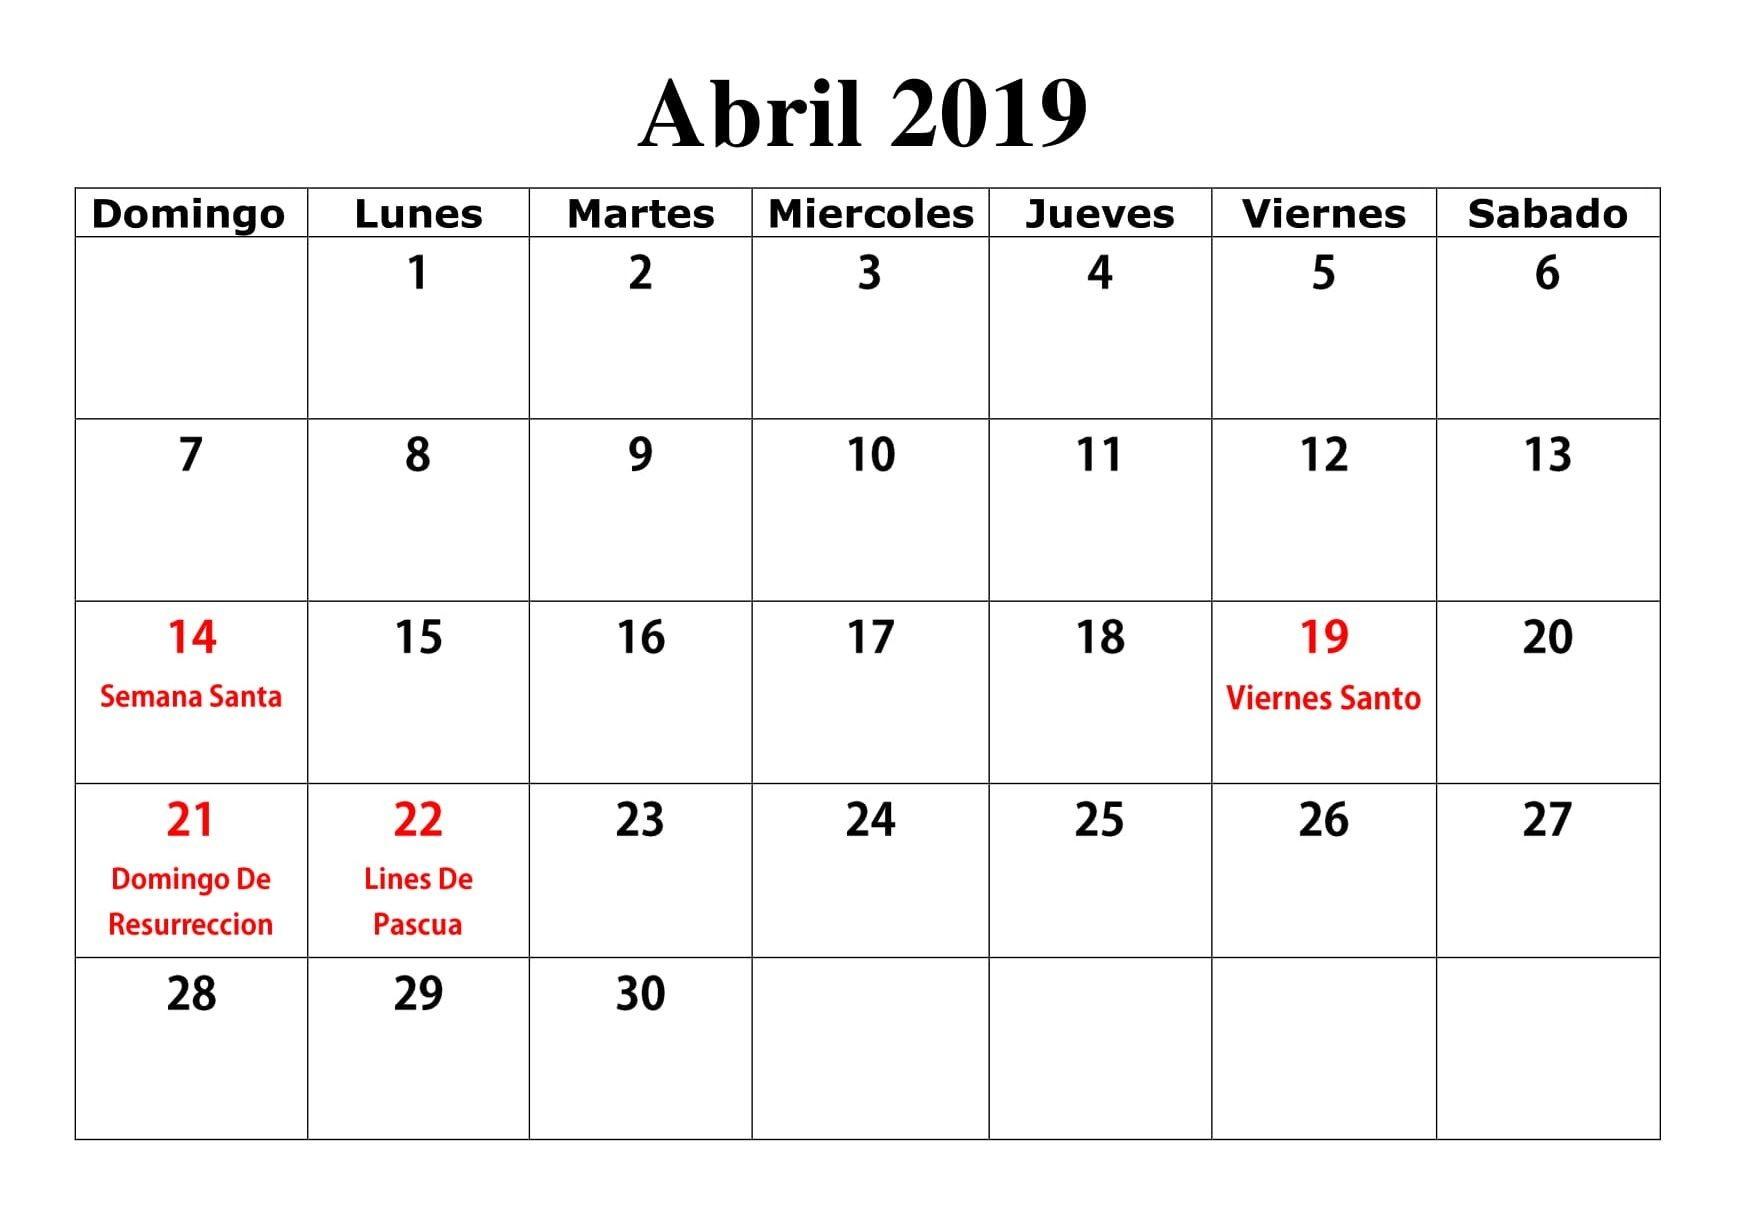 Calendario Con Festivos Del 2019 En Colombia Más Populares Abril 2019 Con Festivos Word Calendario T Of Calendario Con Festivos Del 2019 En Colombia Más Recientemente Liberado Determinar Calendario 2019 De Colombia Con Festivos